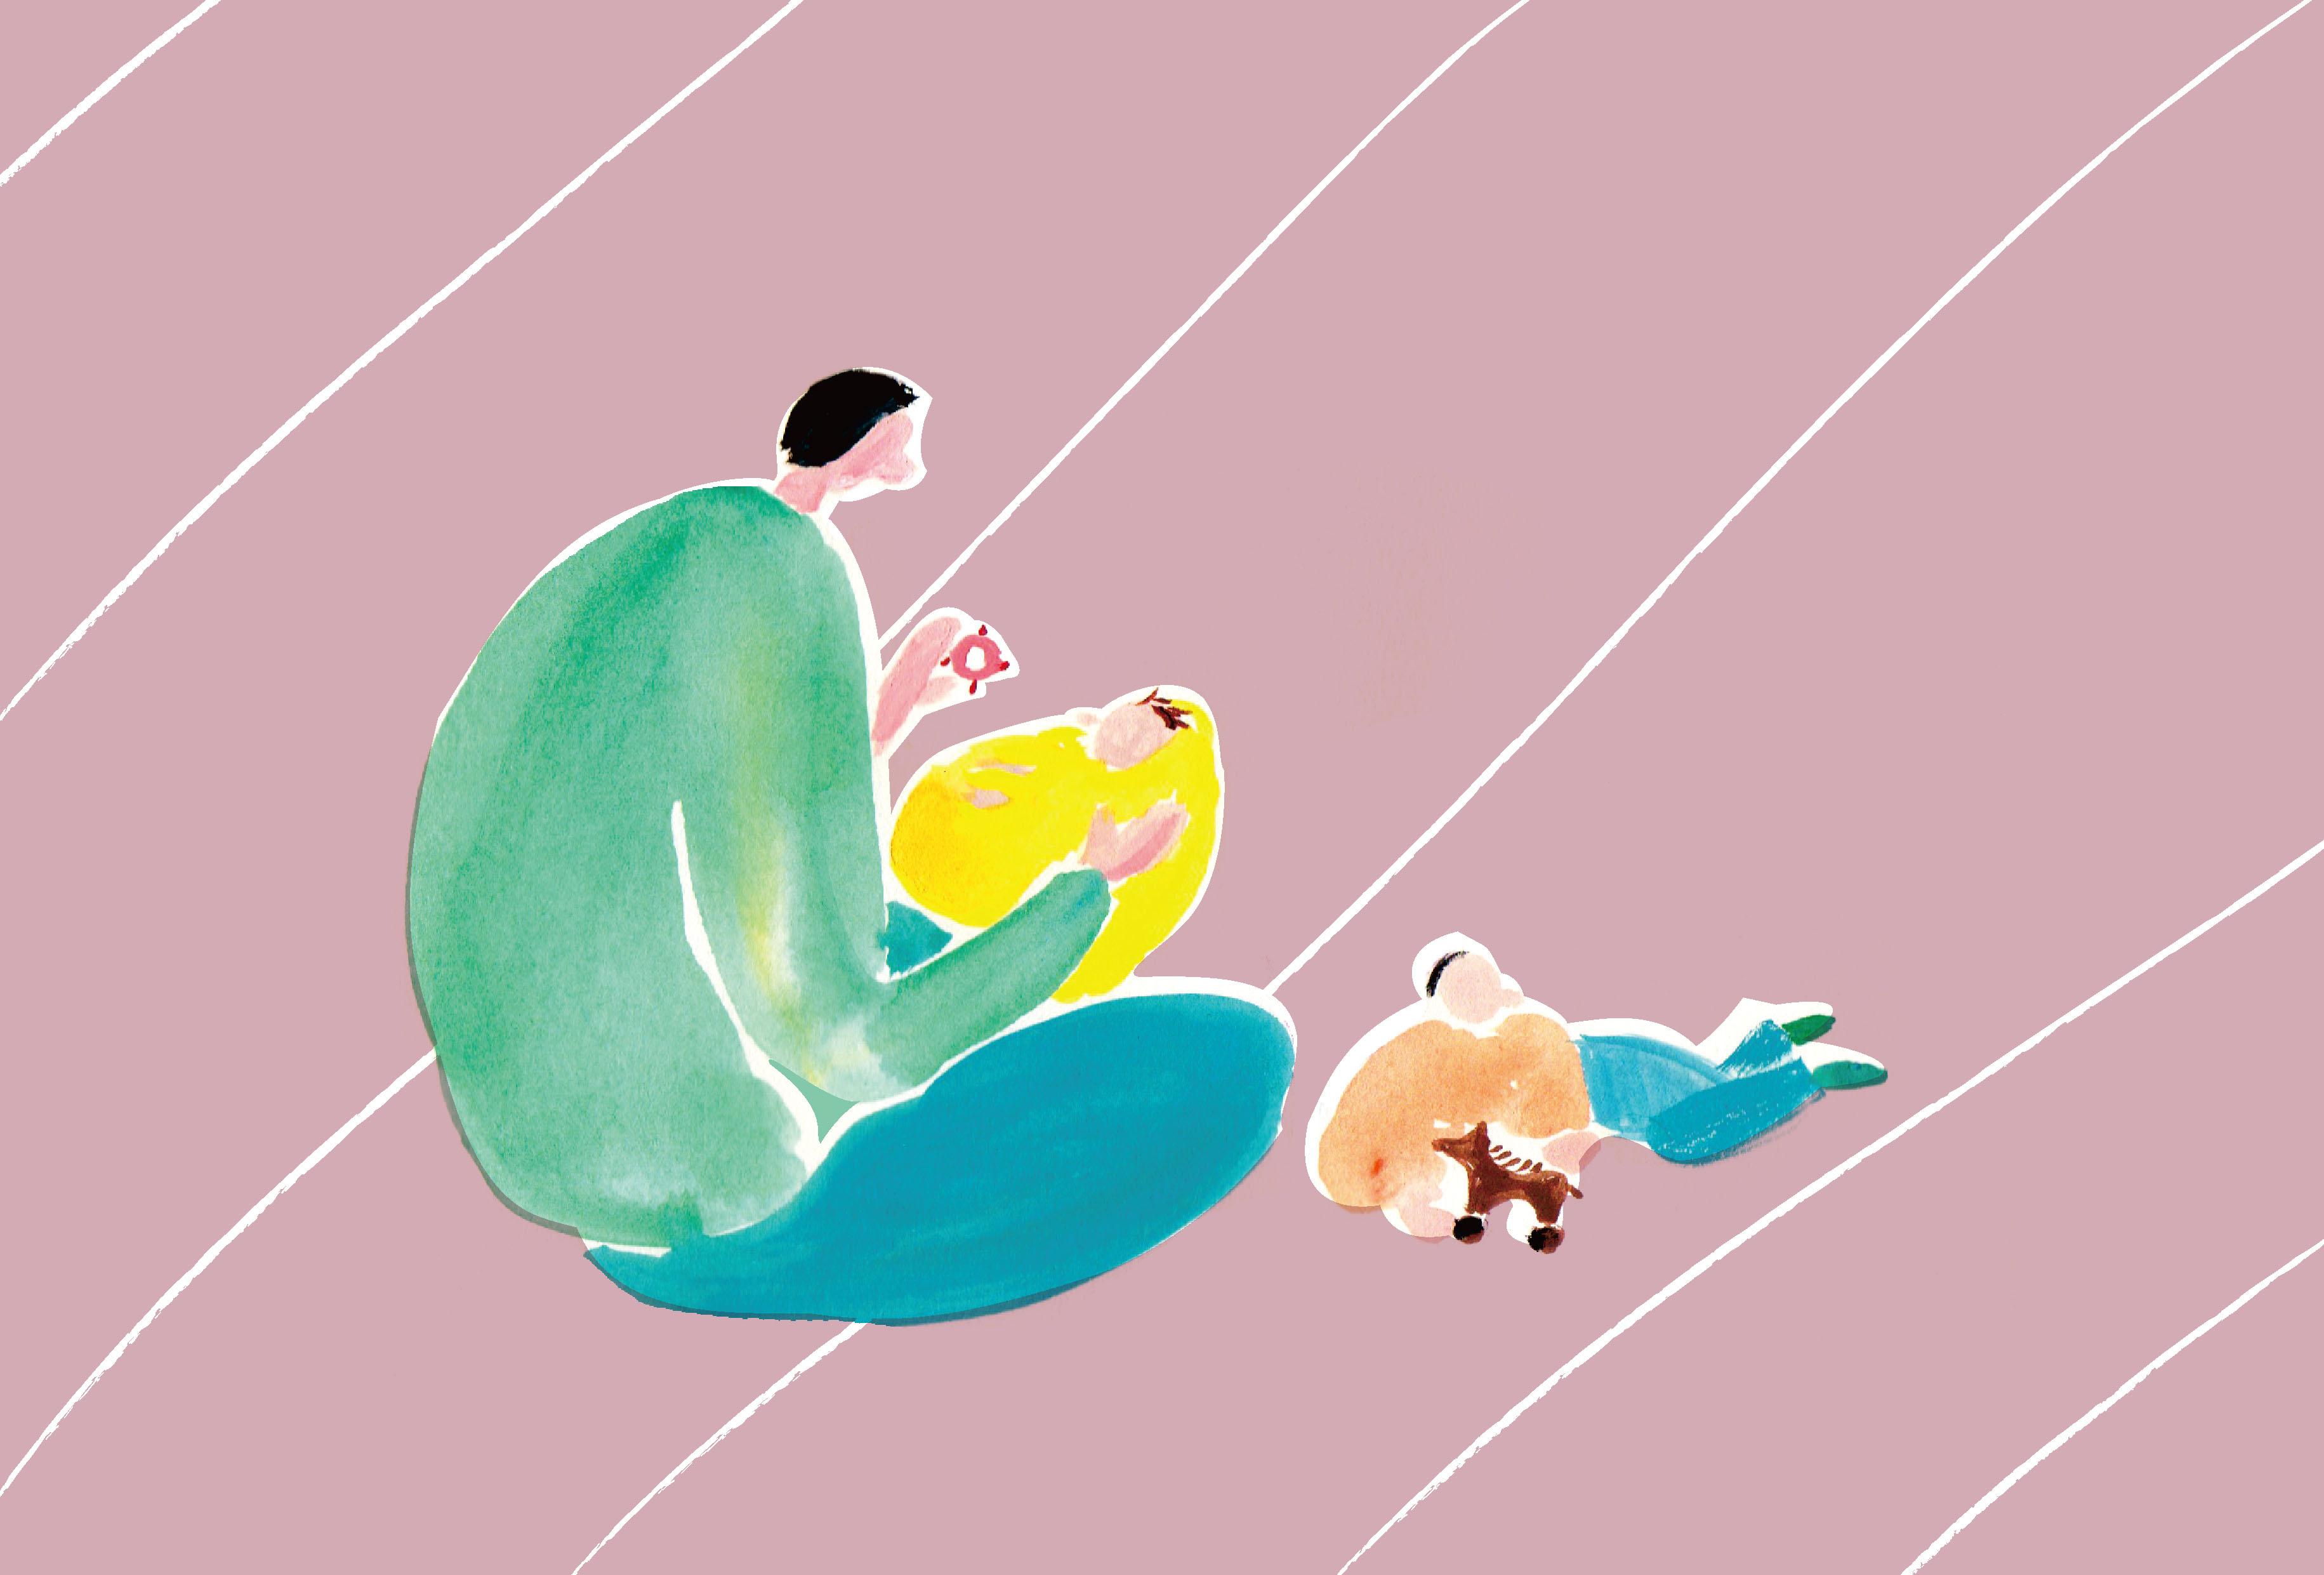 「家事育児に協力的なパートナーがいること」はちっとも当たり前じゃない